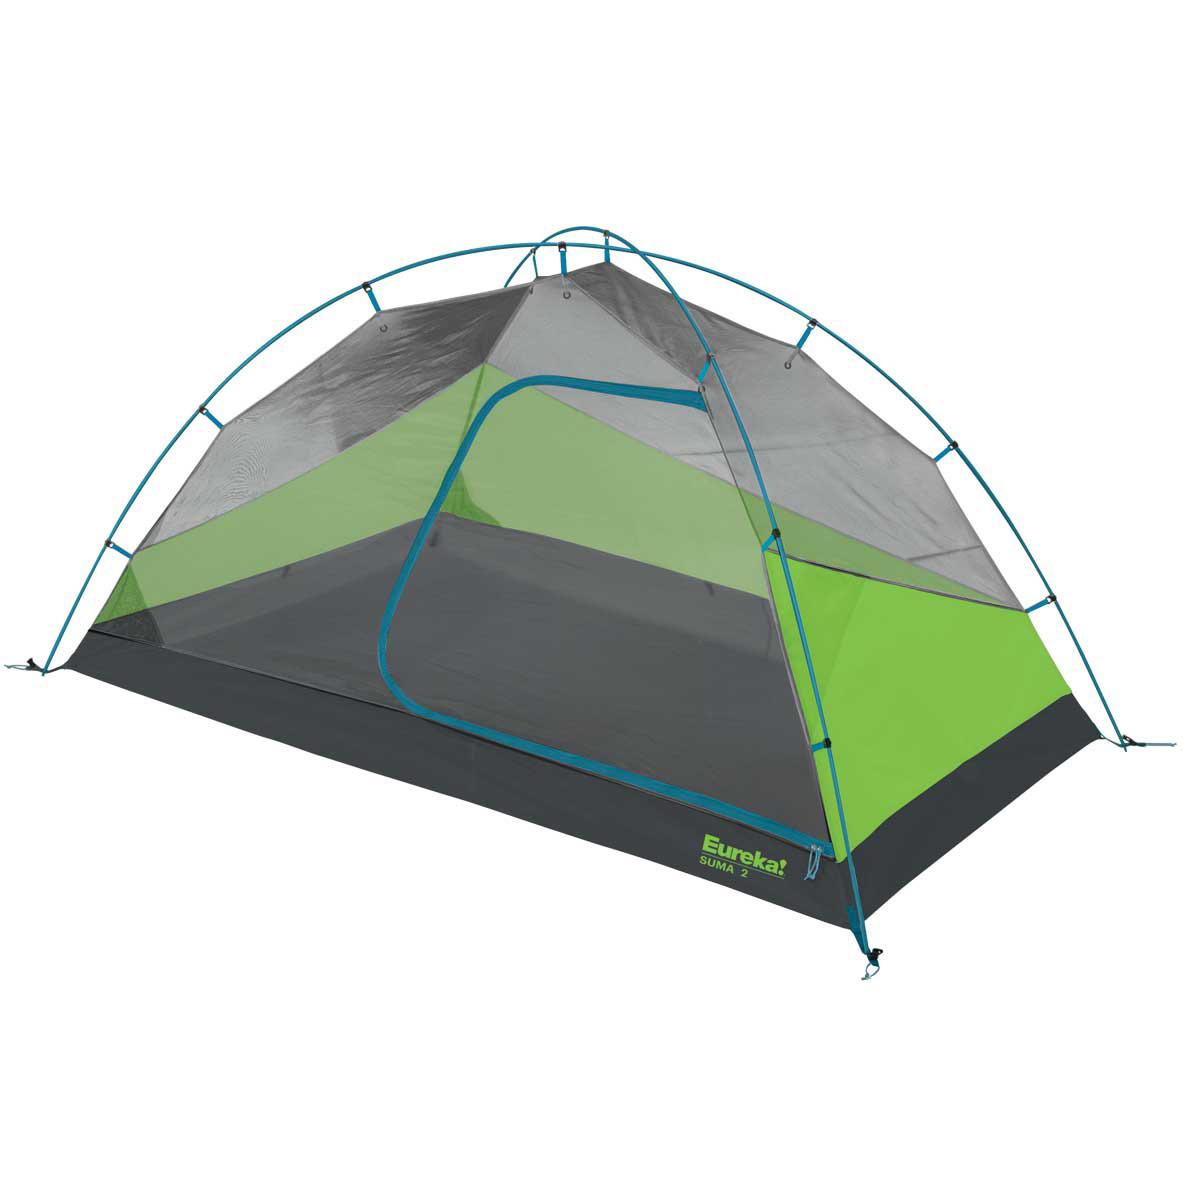 online retailer e5748 07931 Eureka - Suma 2 Tent